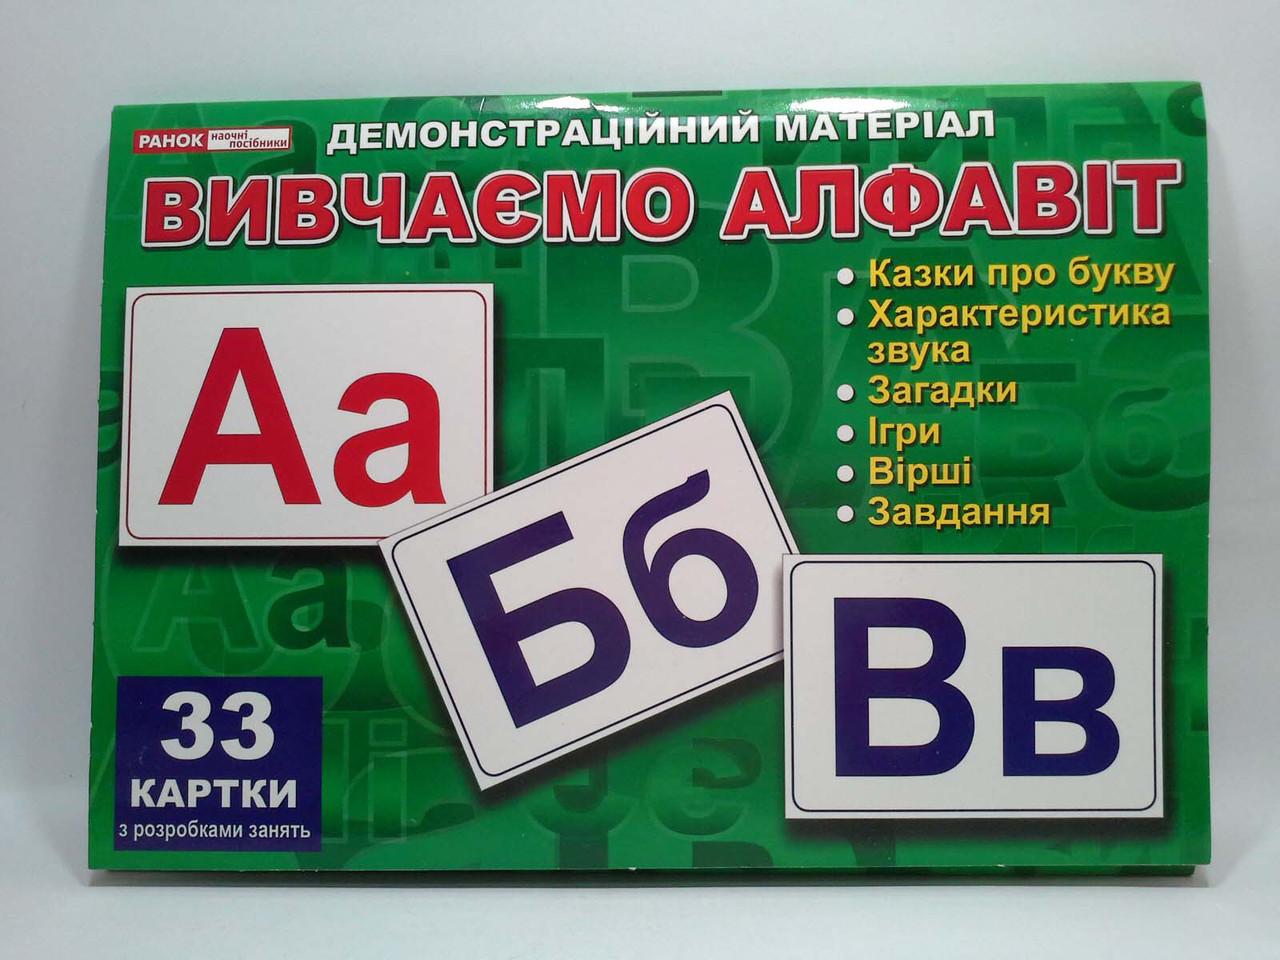 Світогляд 1056 ДМ Вивчаємо алфавіт Демонстраційні фотоілюстрації (12107126У)